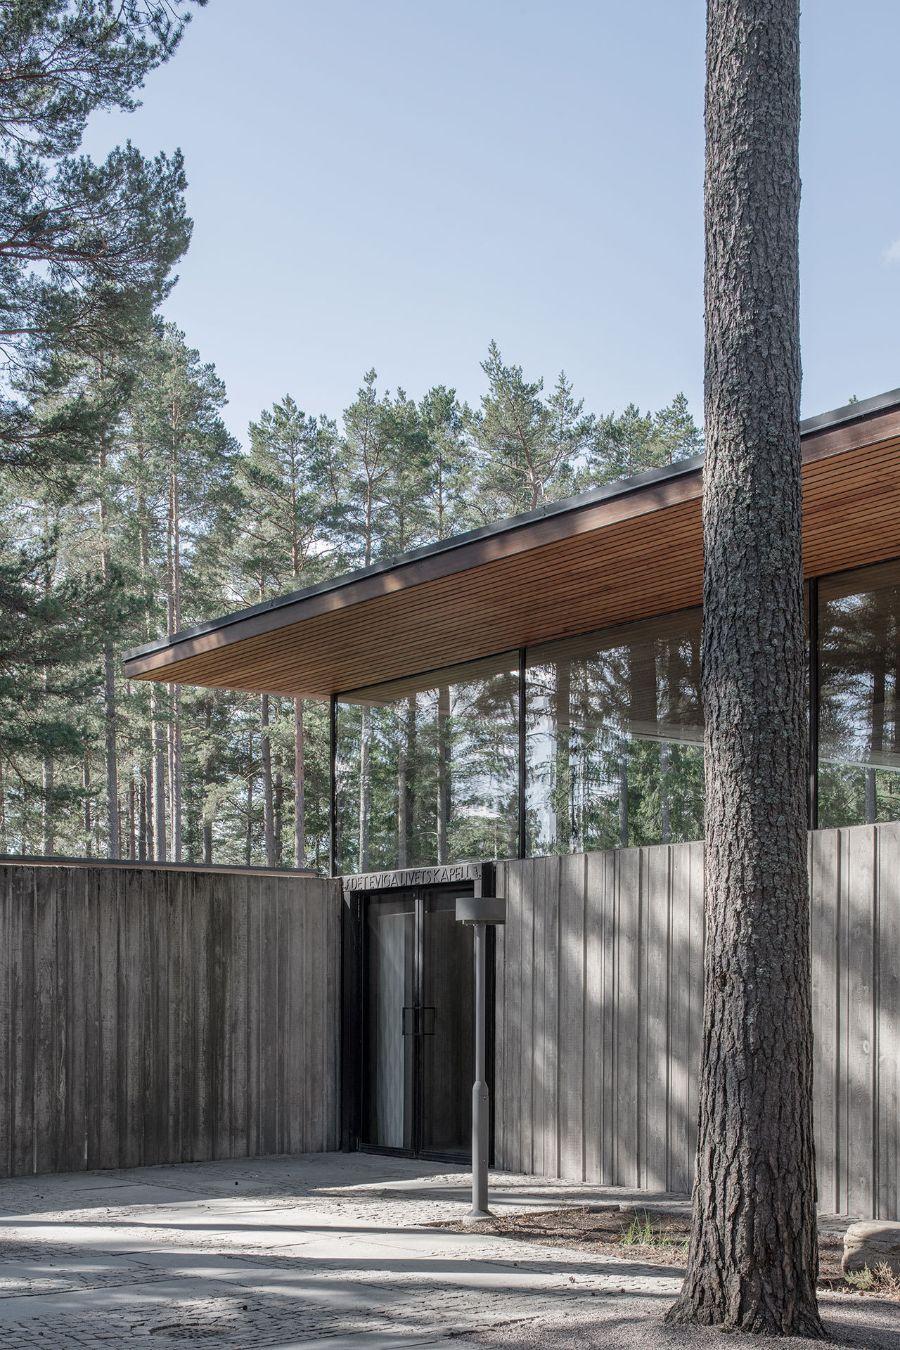 Gävle Crematorium by ELLT captured by Andy Liffner